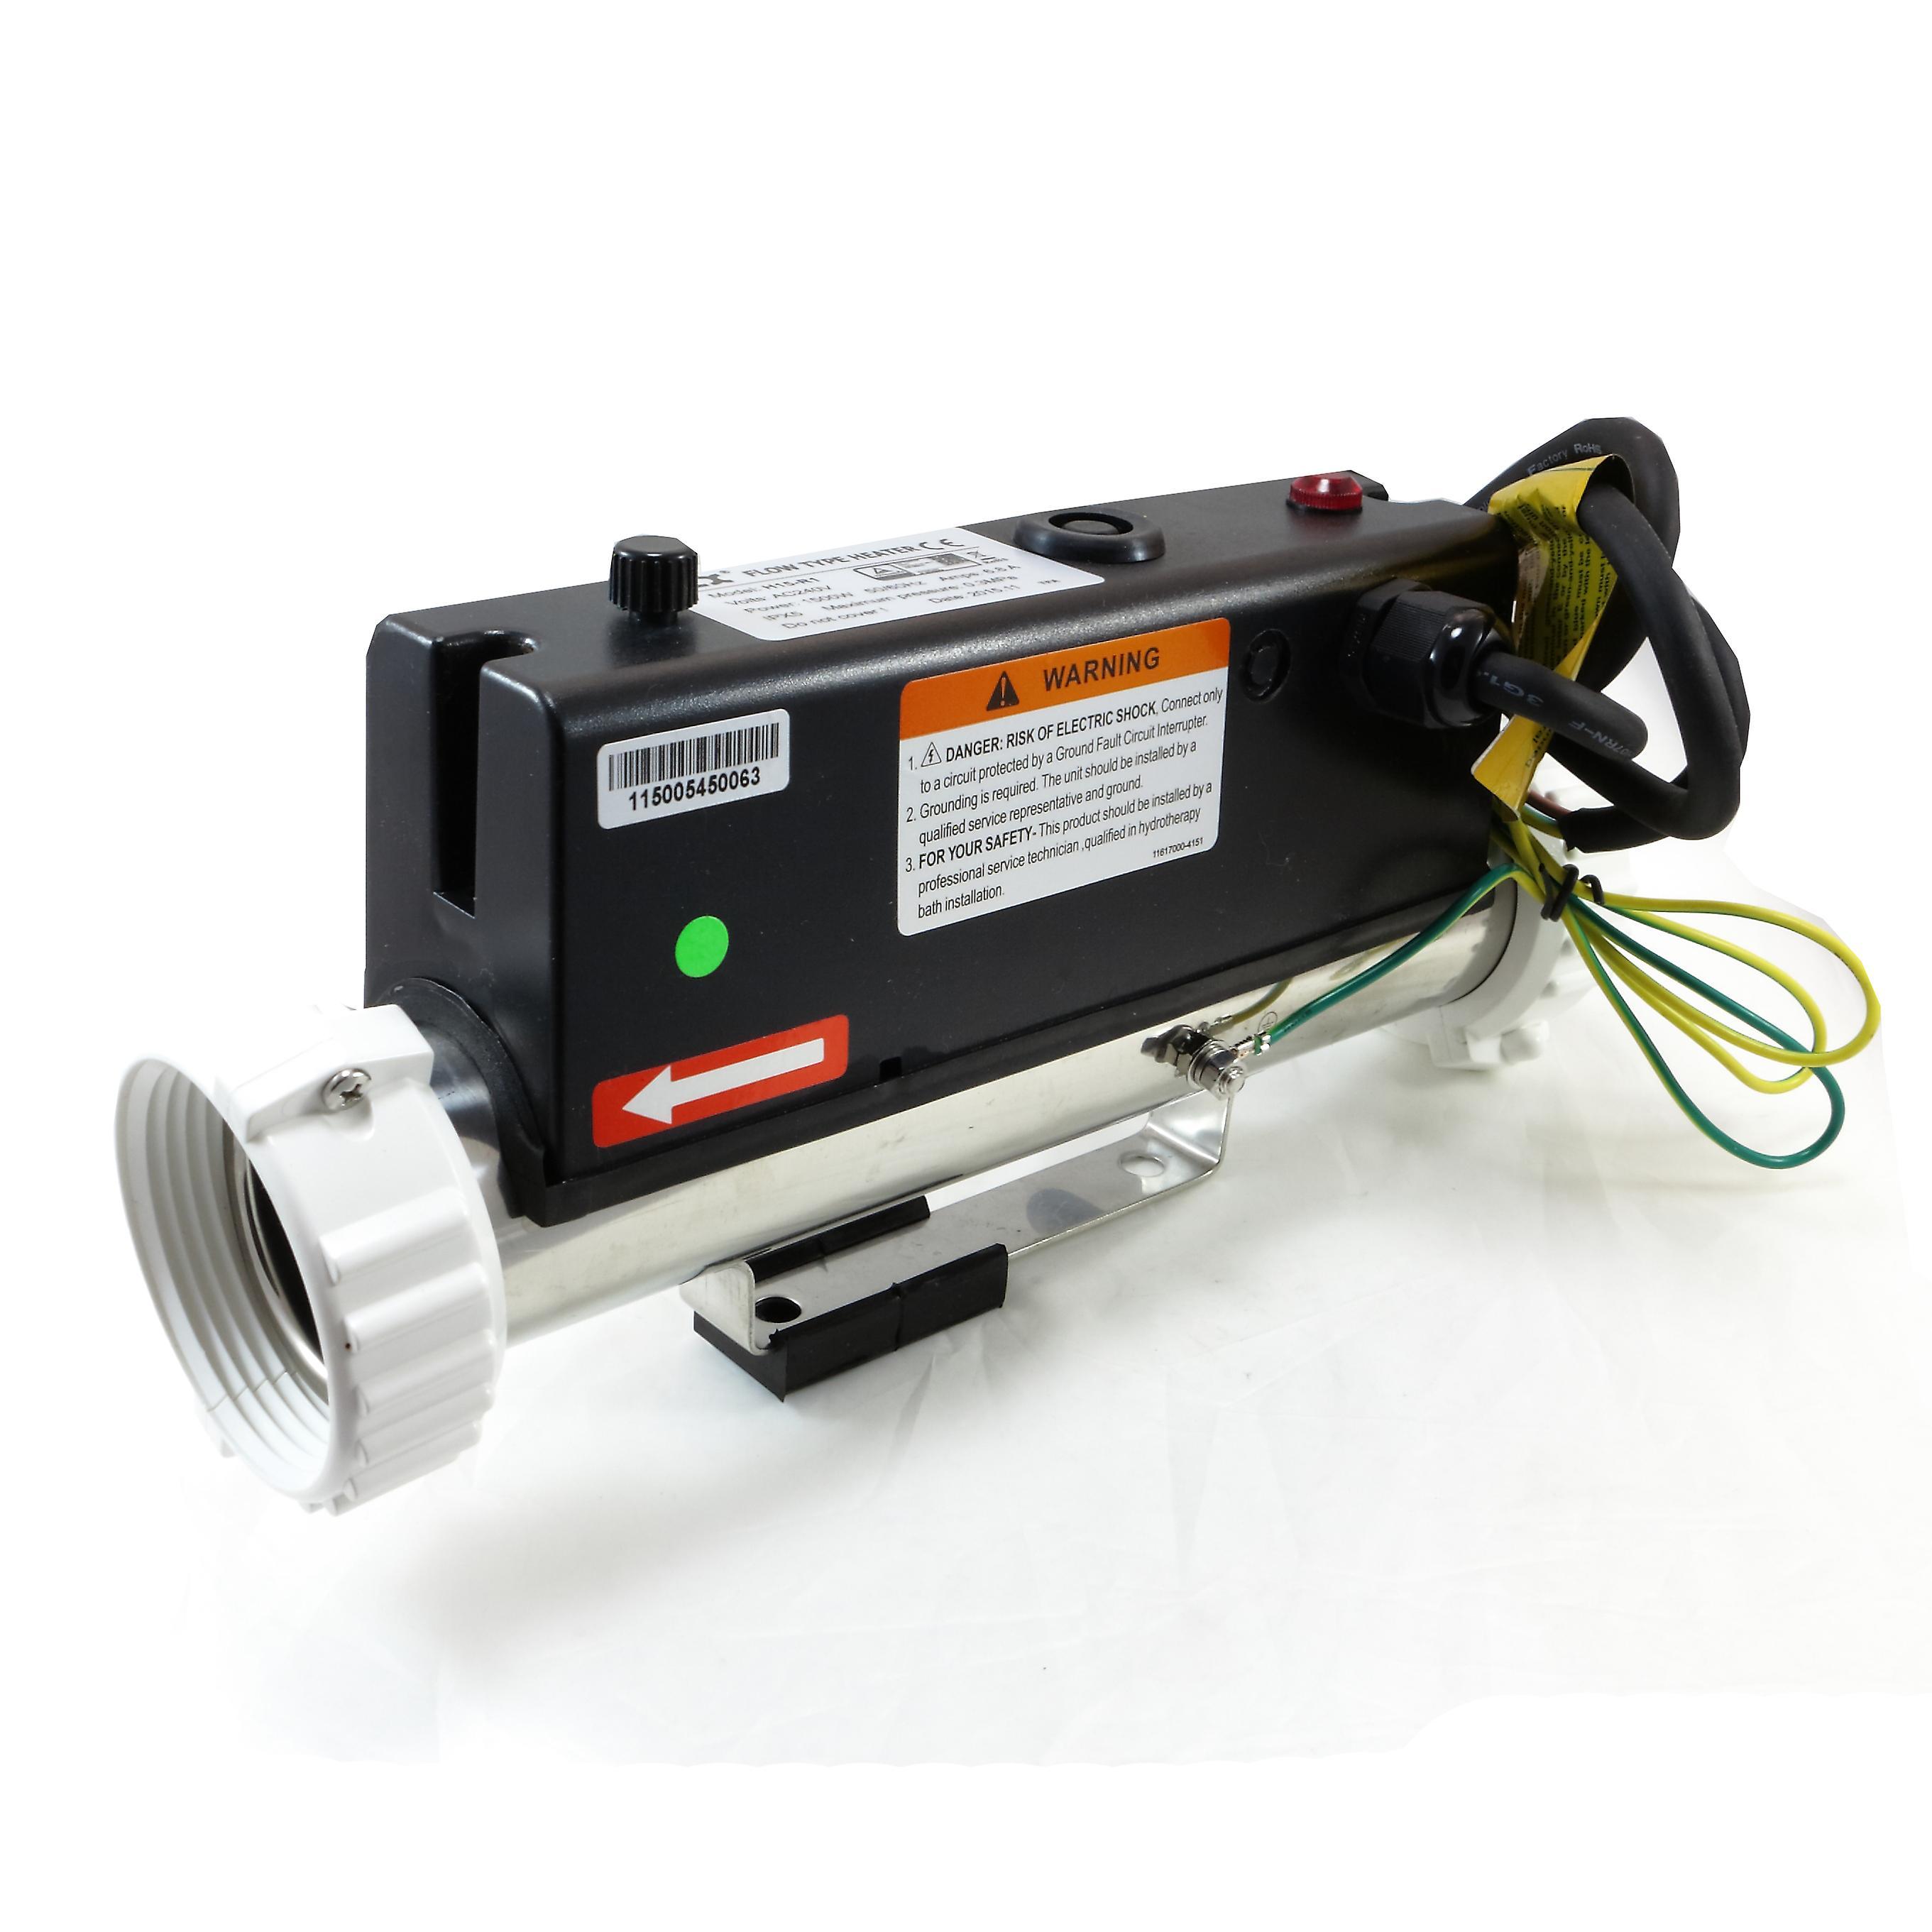 Подогреватель воды LX H15-R1 1500W (1.5kW) | Гидромассажная ванна | Спа | Вихревая ванна | Потока типа отопителя | 230В/50 Гц